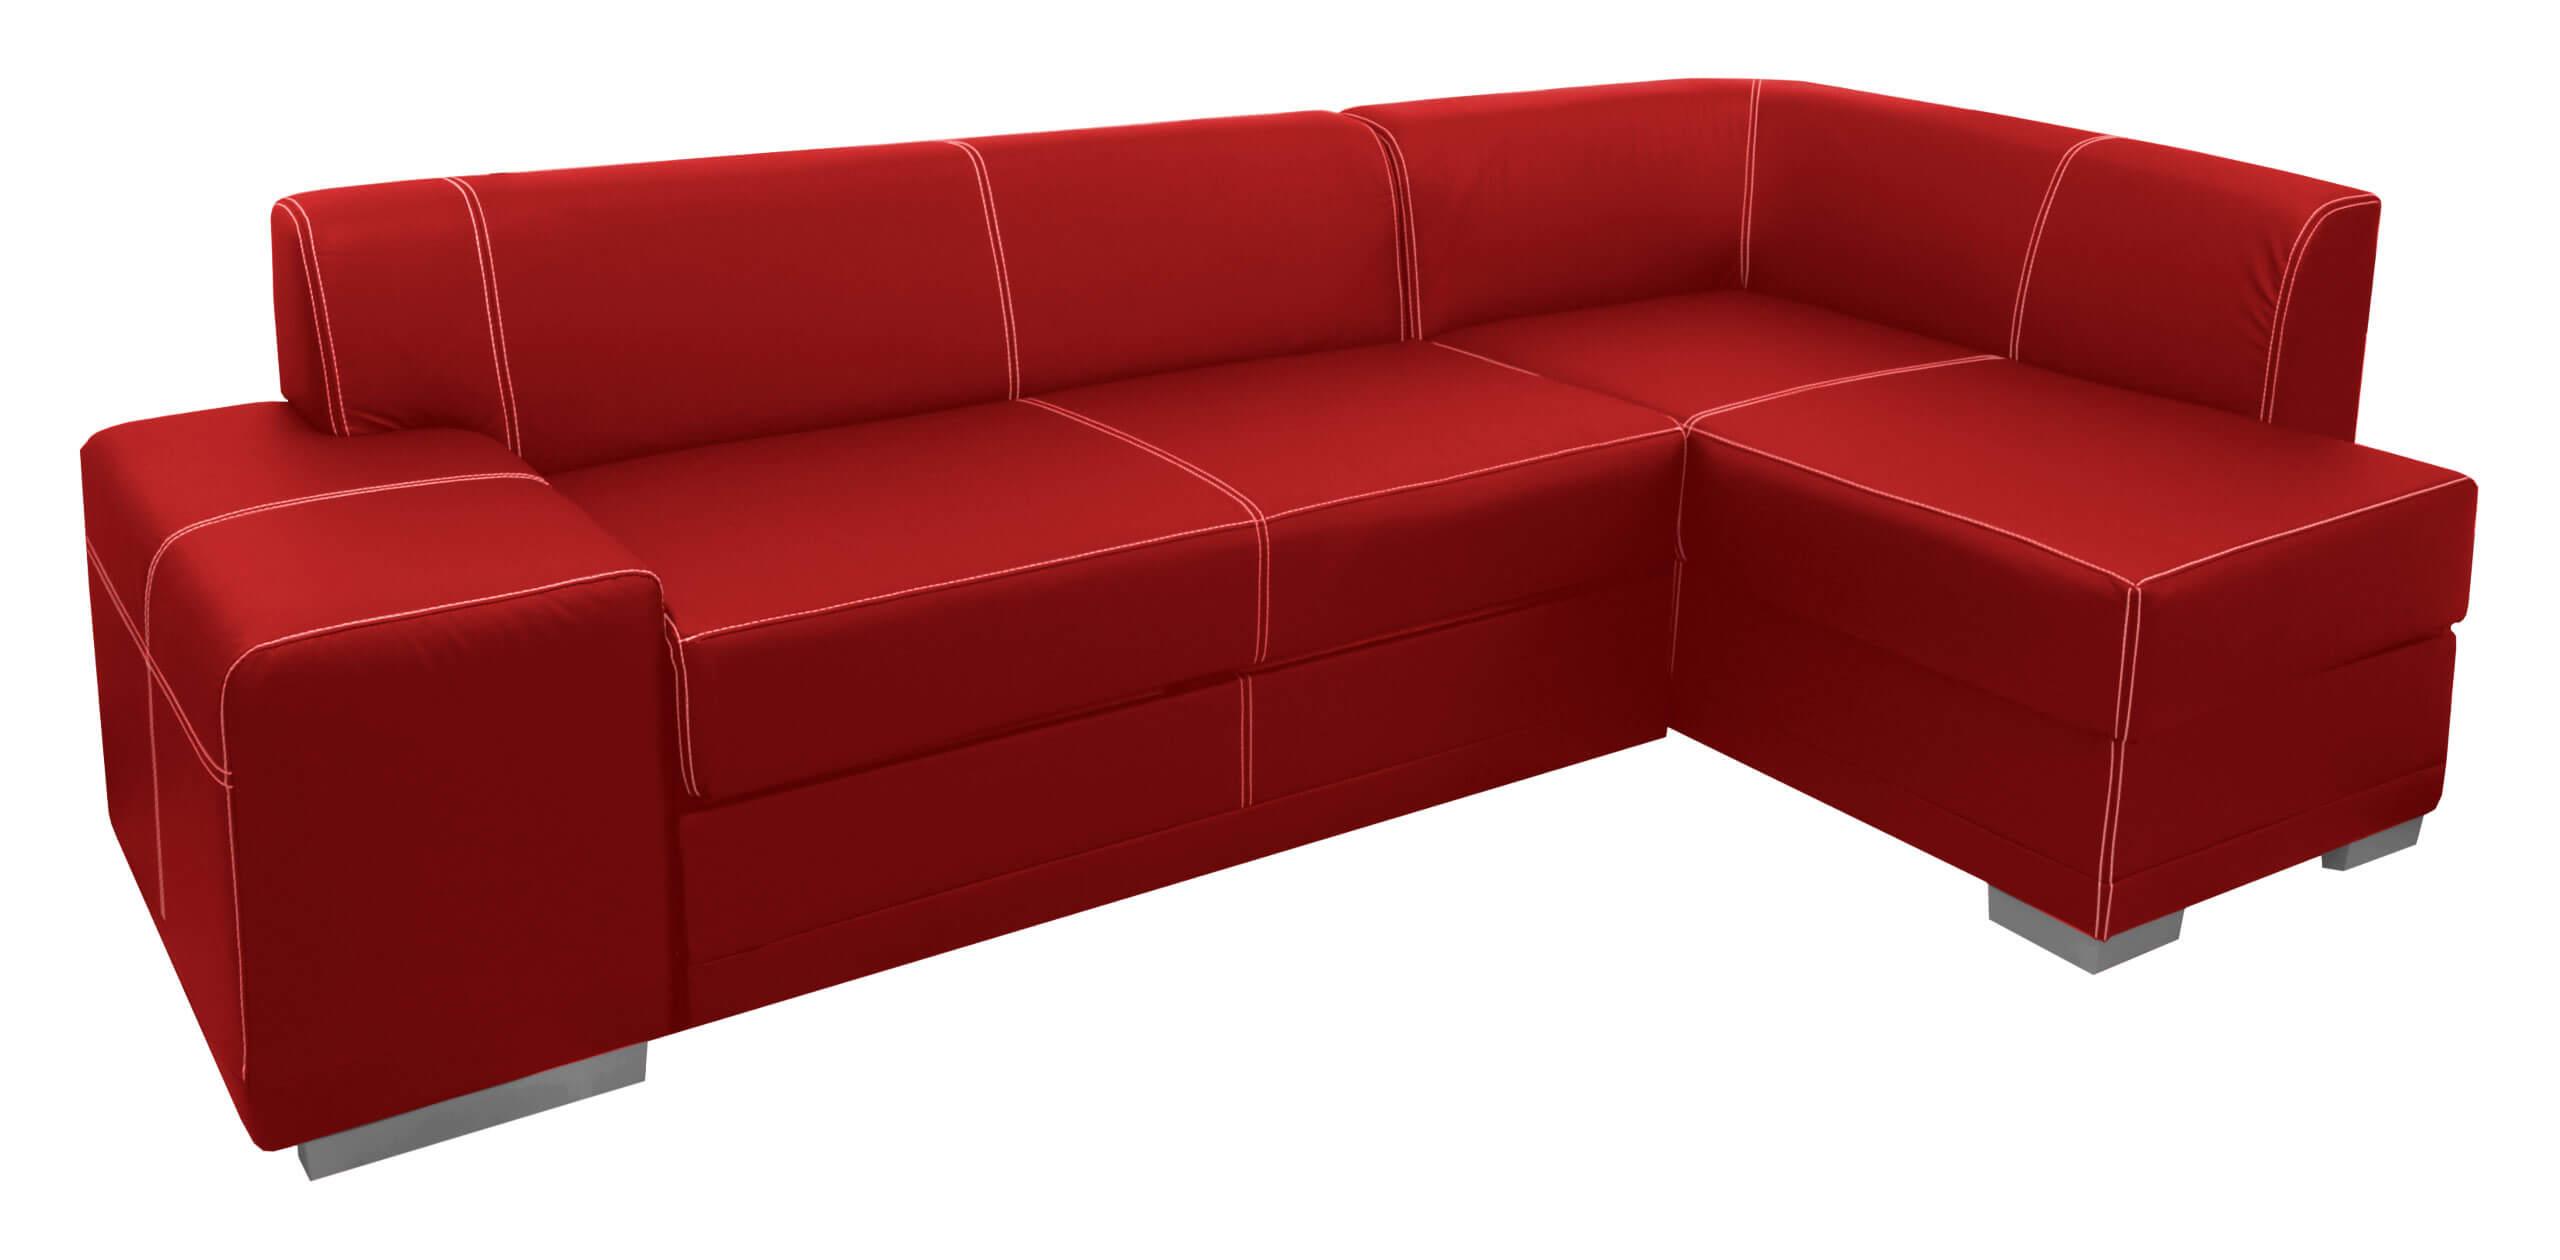 sofa-png-transparente-3